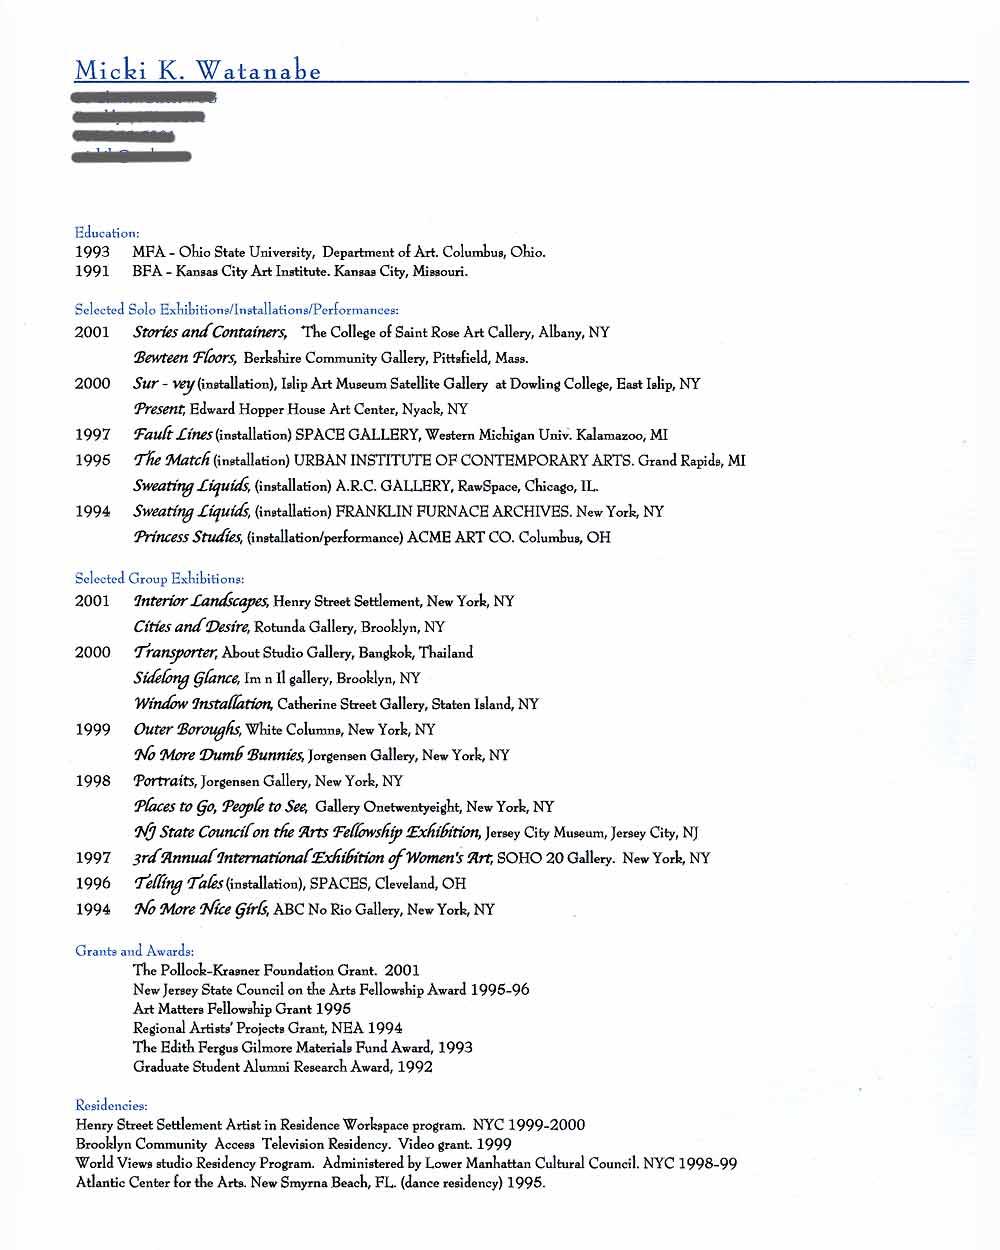 Micki Watanabe Spiller's Artist Resume, pg 1